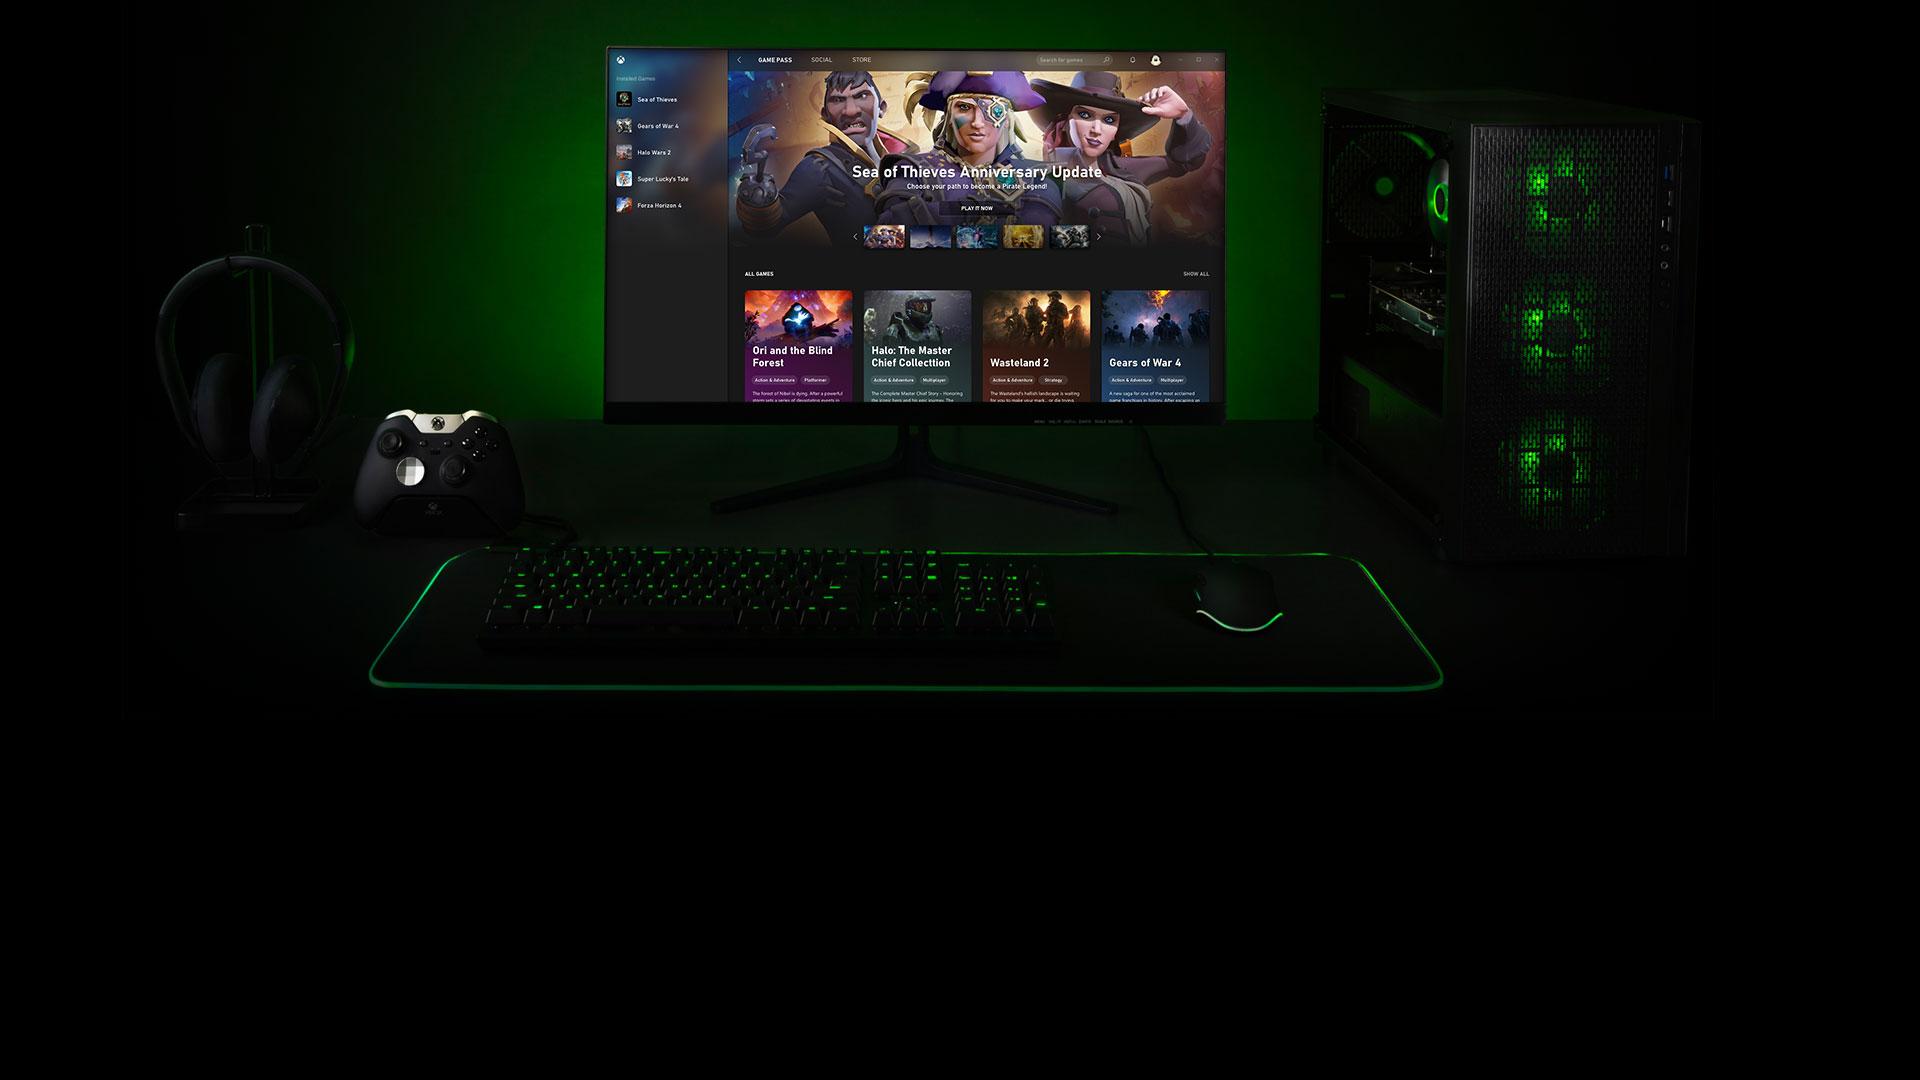 Windows 10 bilgisayar için Xbox uygulamasını gösteren bilgisayar ekranı